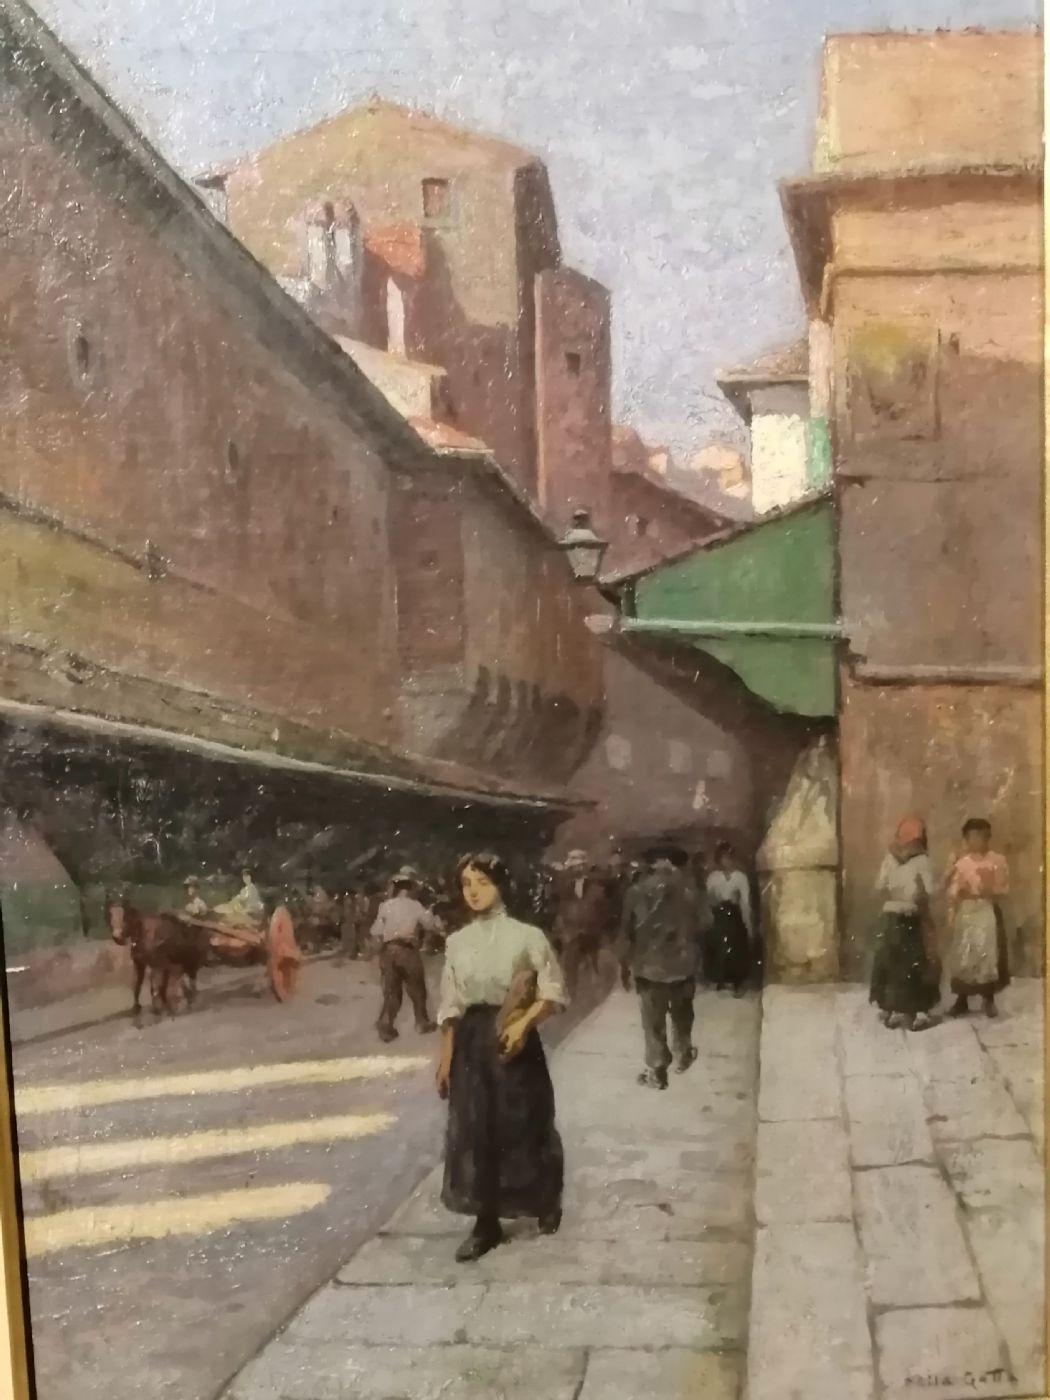 thumb2|Anacleto Della Gatta (Sezze 1868 - Carmignano 1932) - Ponte Vecchio fine '800 primo '900  - Dipinto firmato